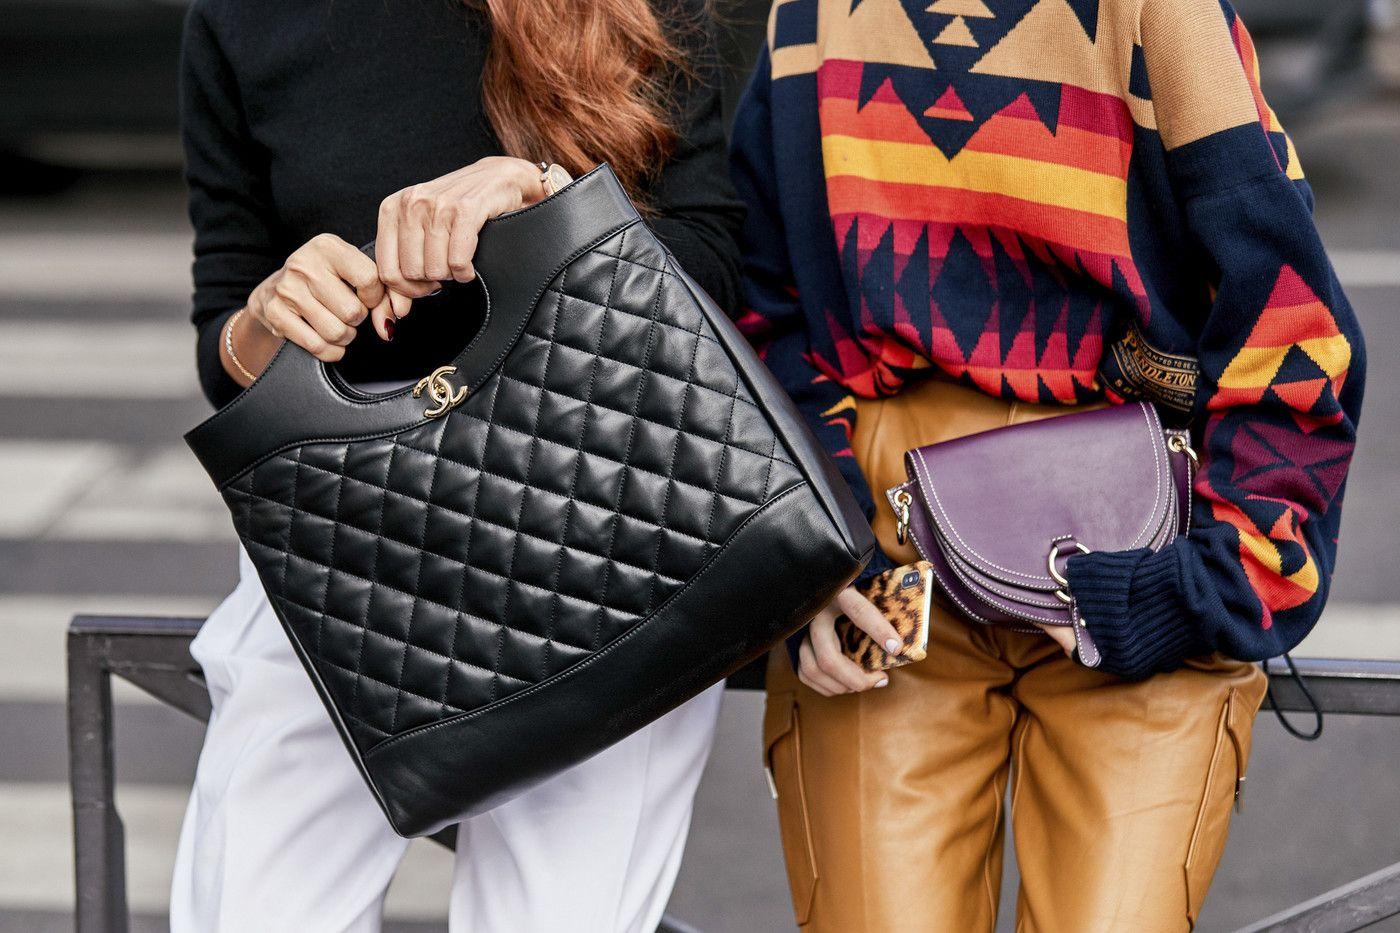 5 Hal yang Perlu Diperhatikan Sebelum Membeli Tas Branded